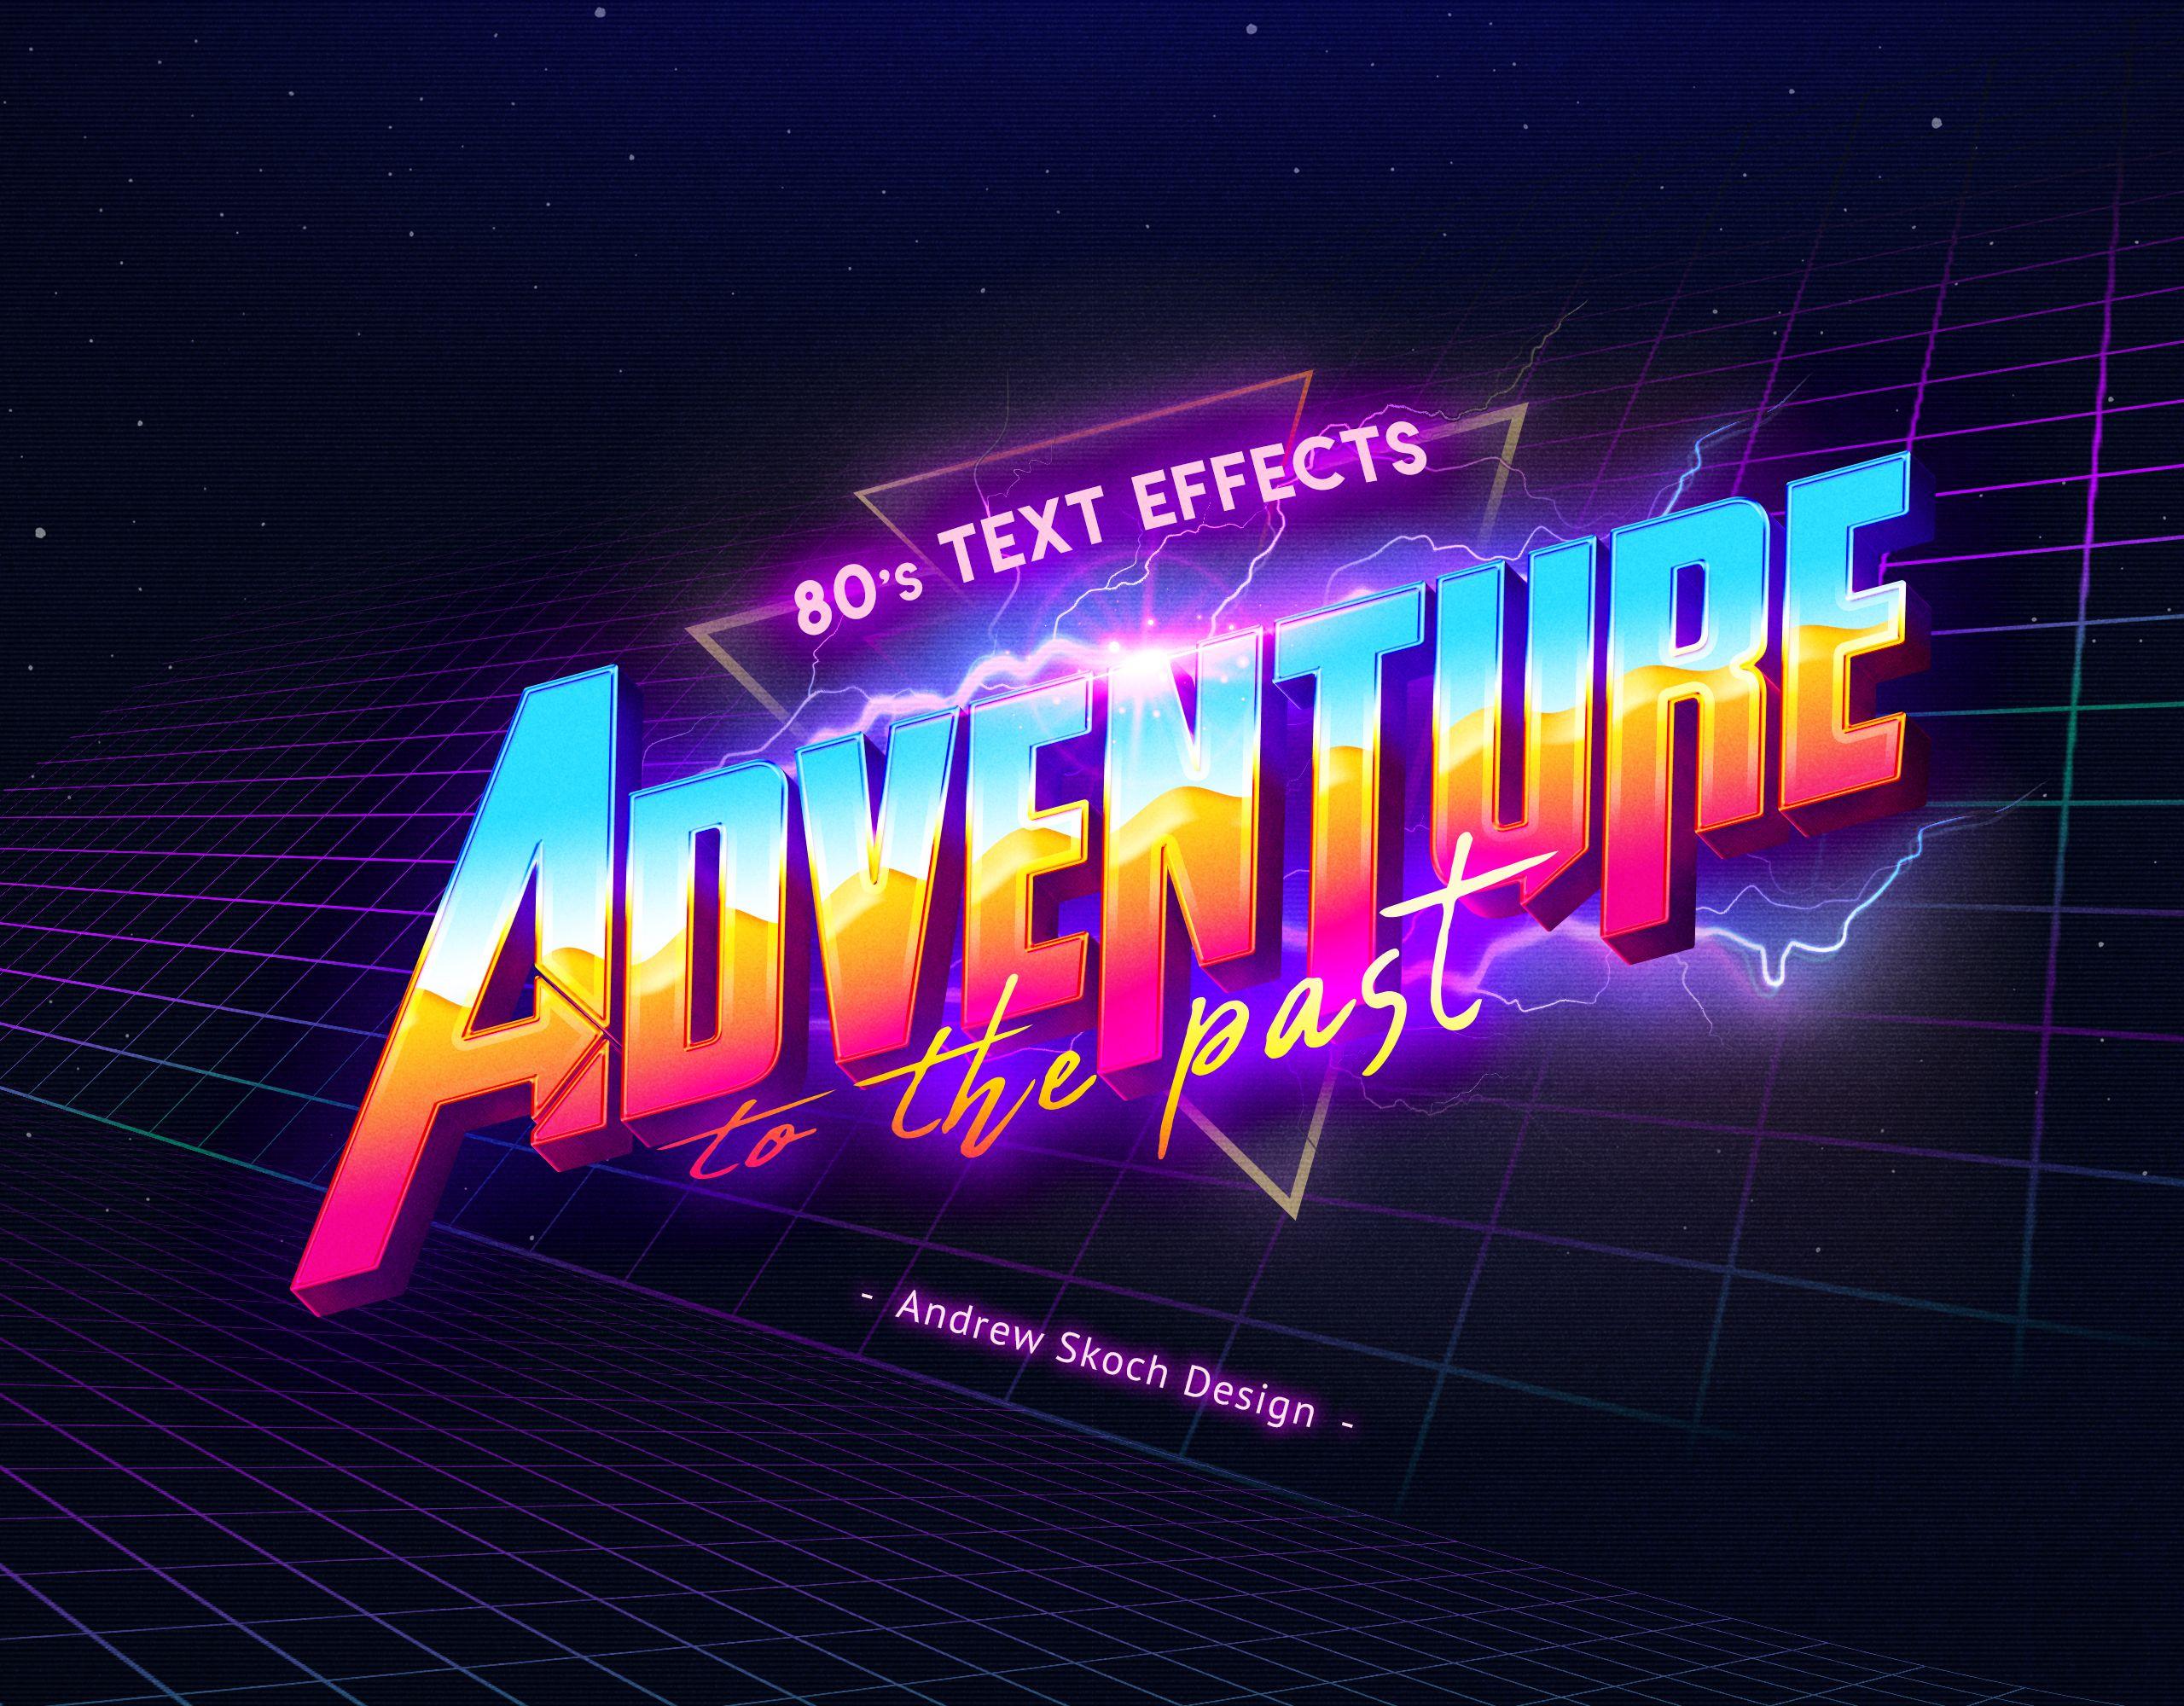 80s Retro Text Effects vol 2 #80s #80's #type #retro